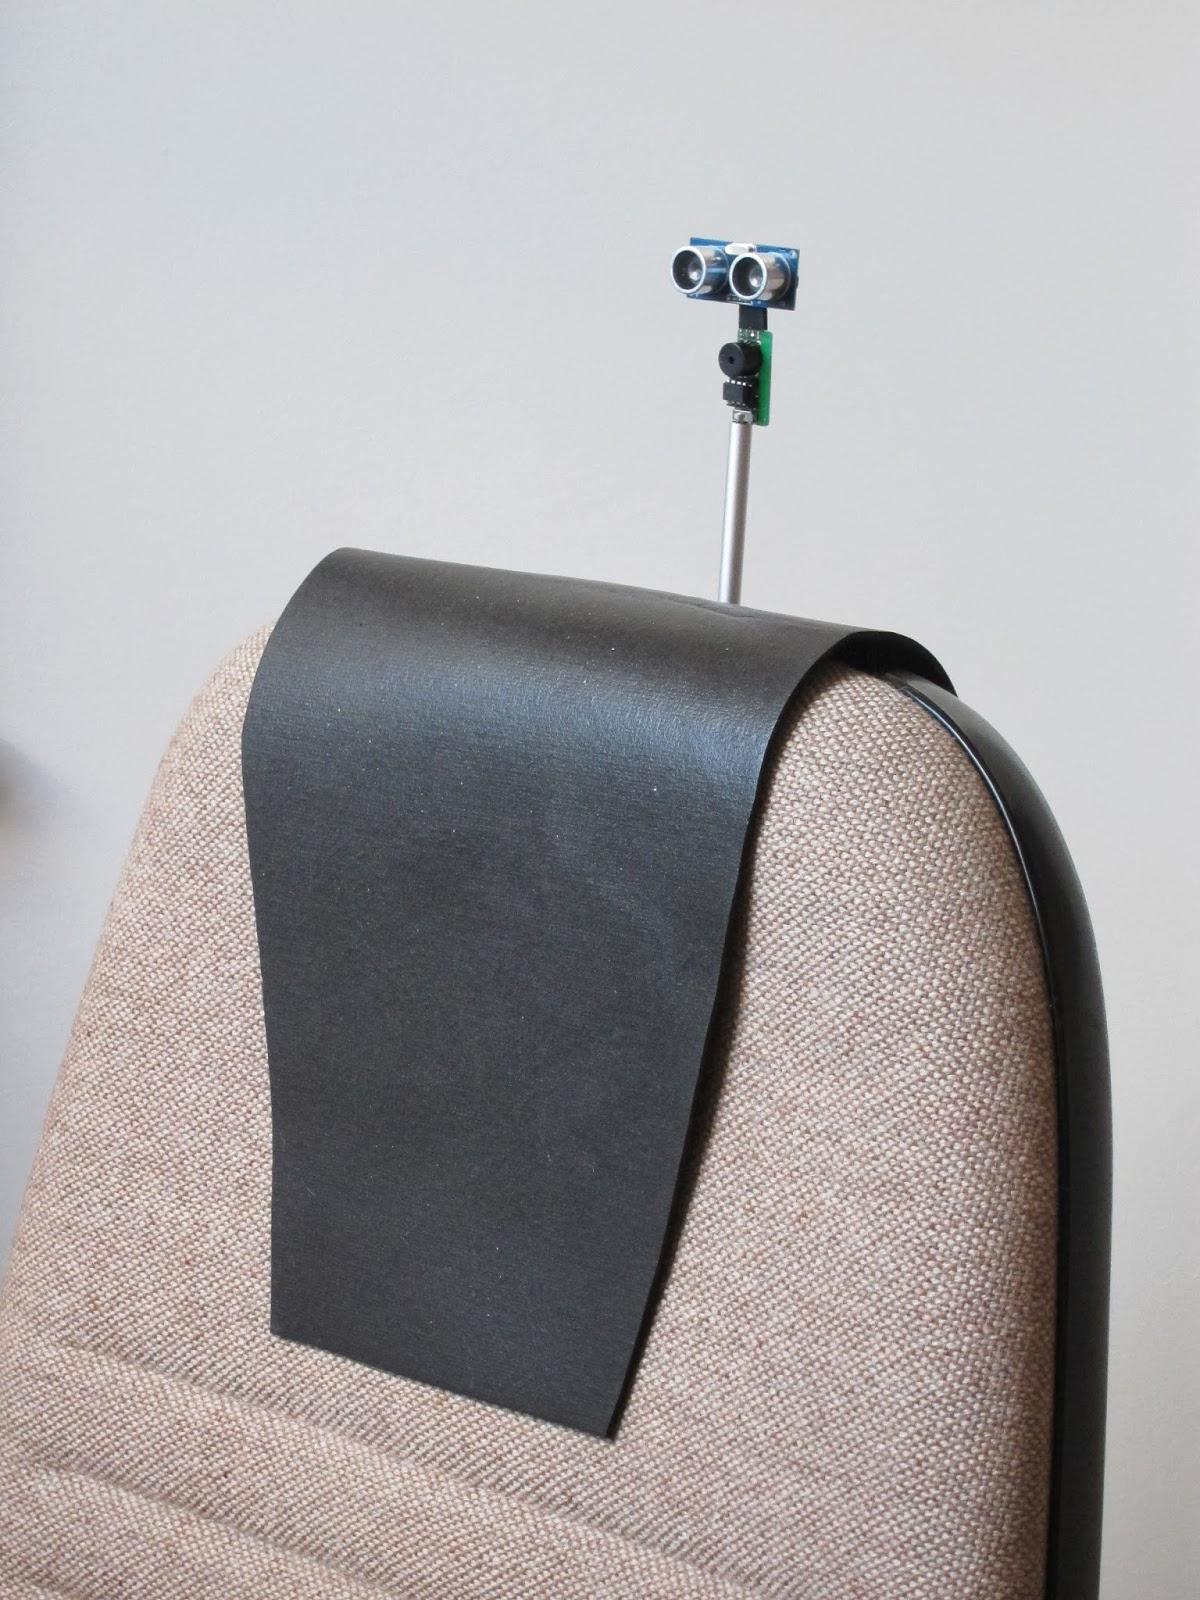 Prosty czujnik mierz�cy poprawno�� u�o�enia kr�gos�upa na fotelu